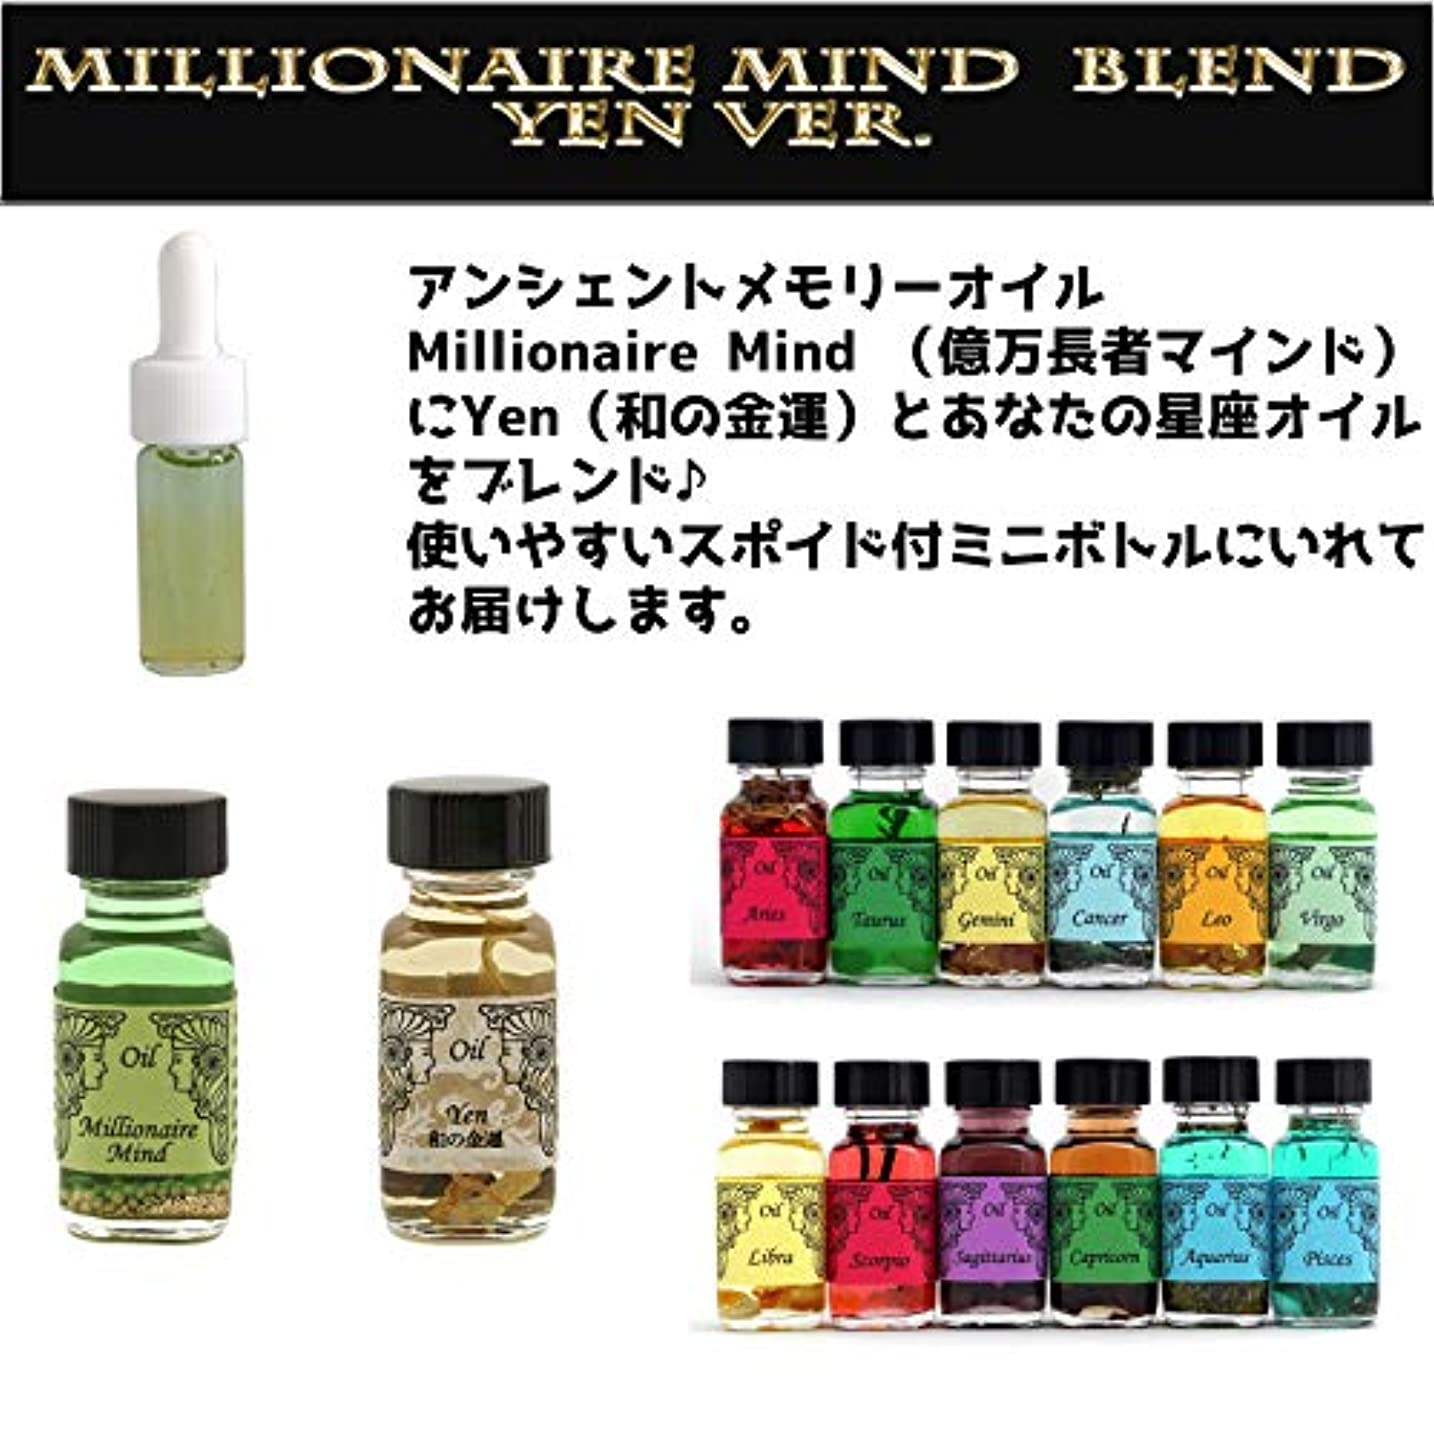 クレーター副弁護人アンシェントメモリーオイル Millionaire Mind 億万長者マインド ブレンド【Yen 和の金運&うお座】